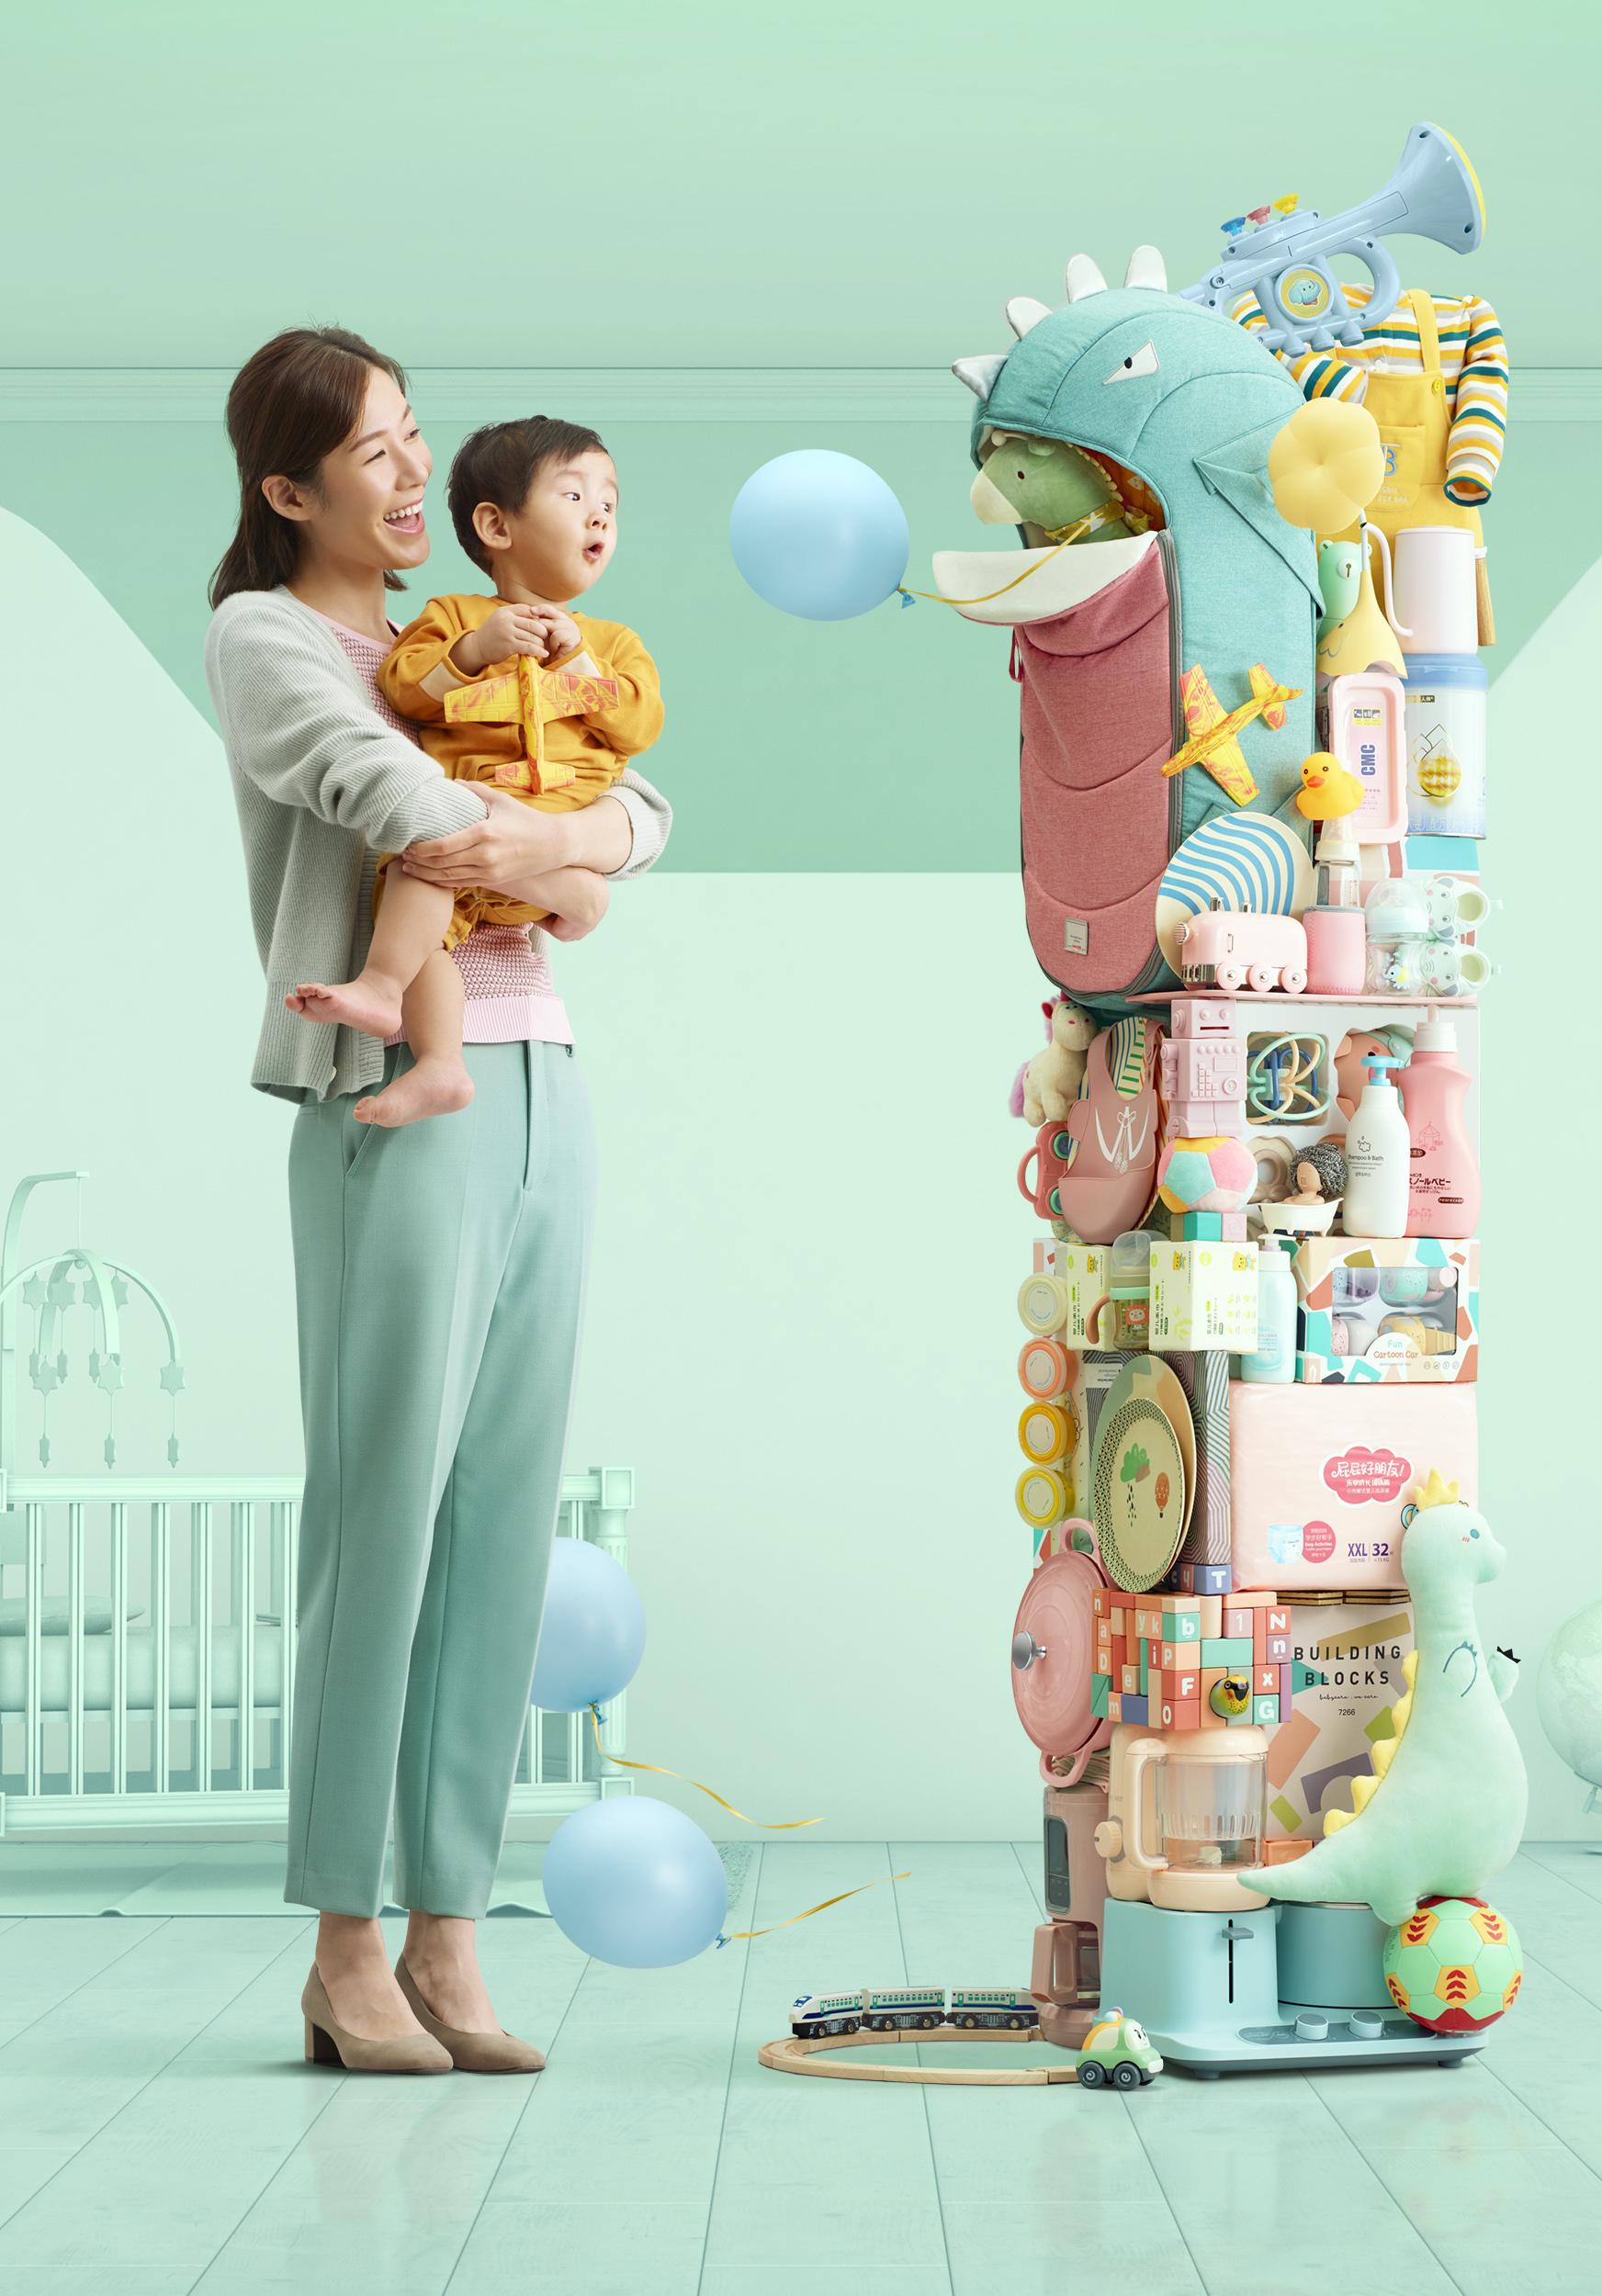 Tmall_11.11_2019_Mom&Baby_V